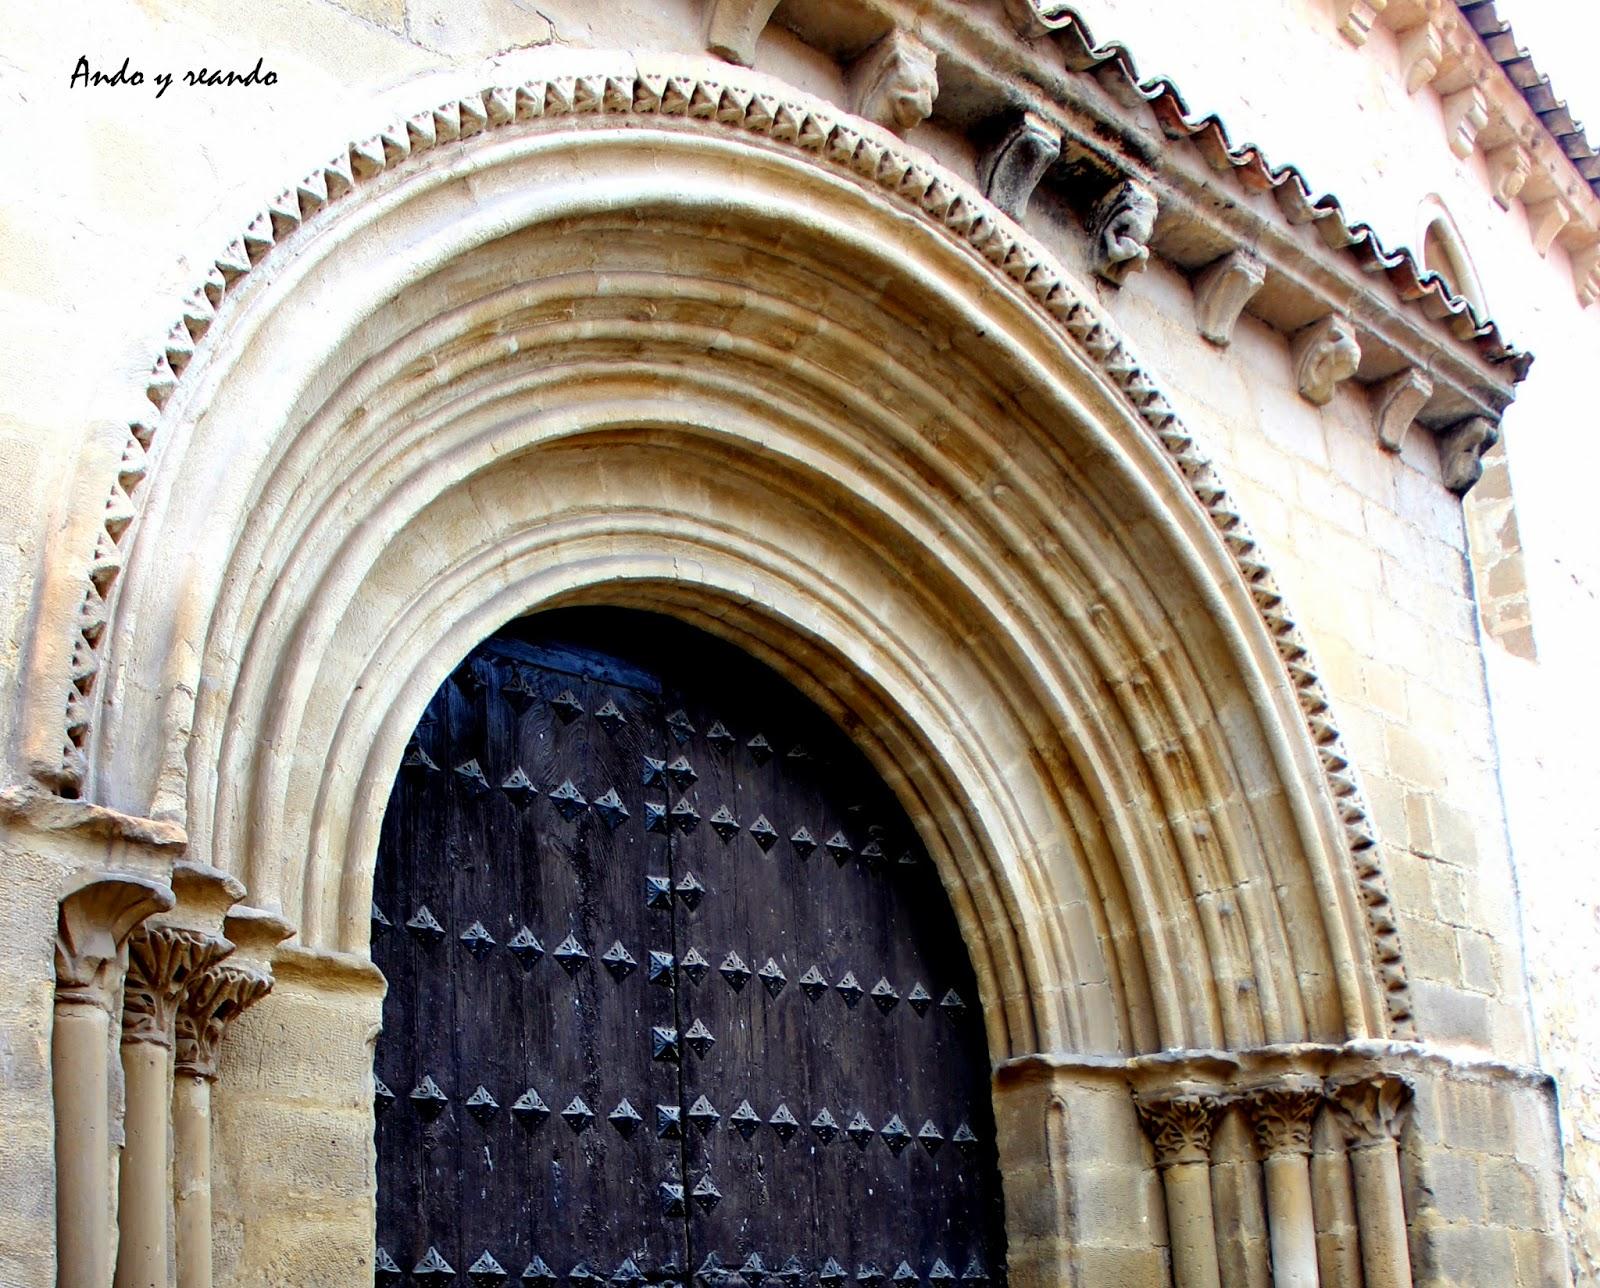 Portada de la iglesia de la Santa Cruz en Baeza